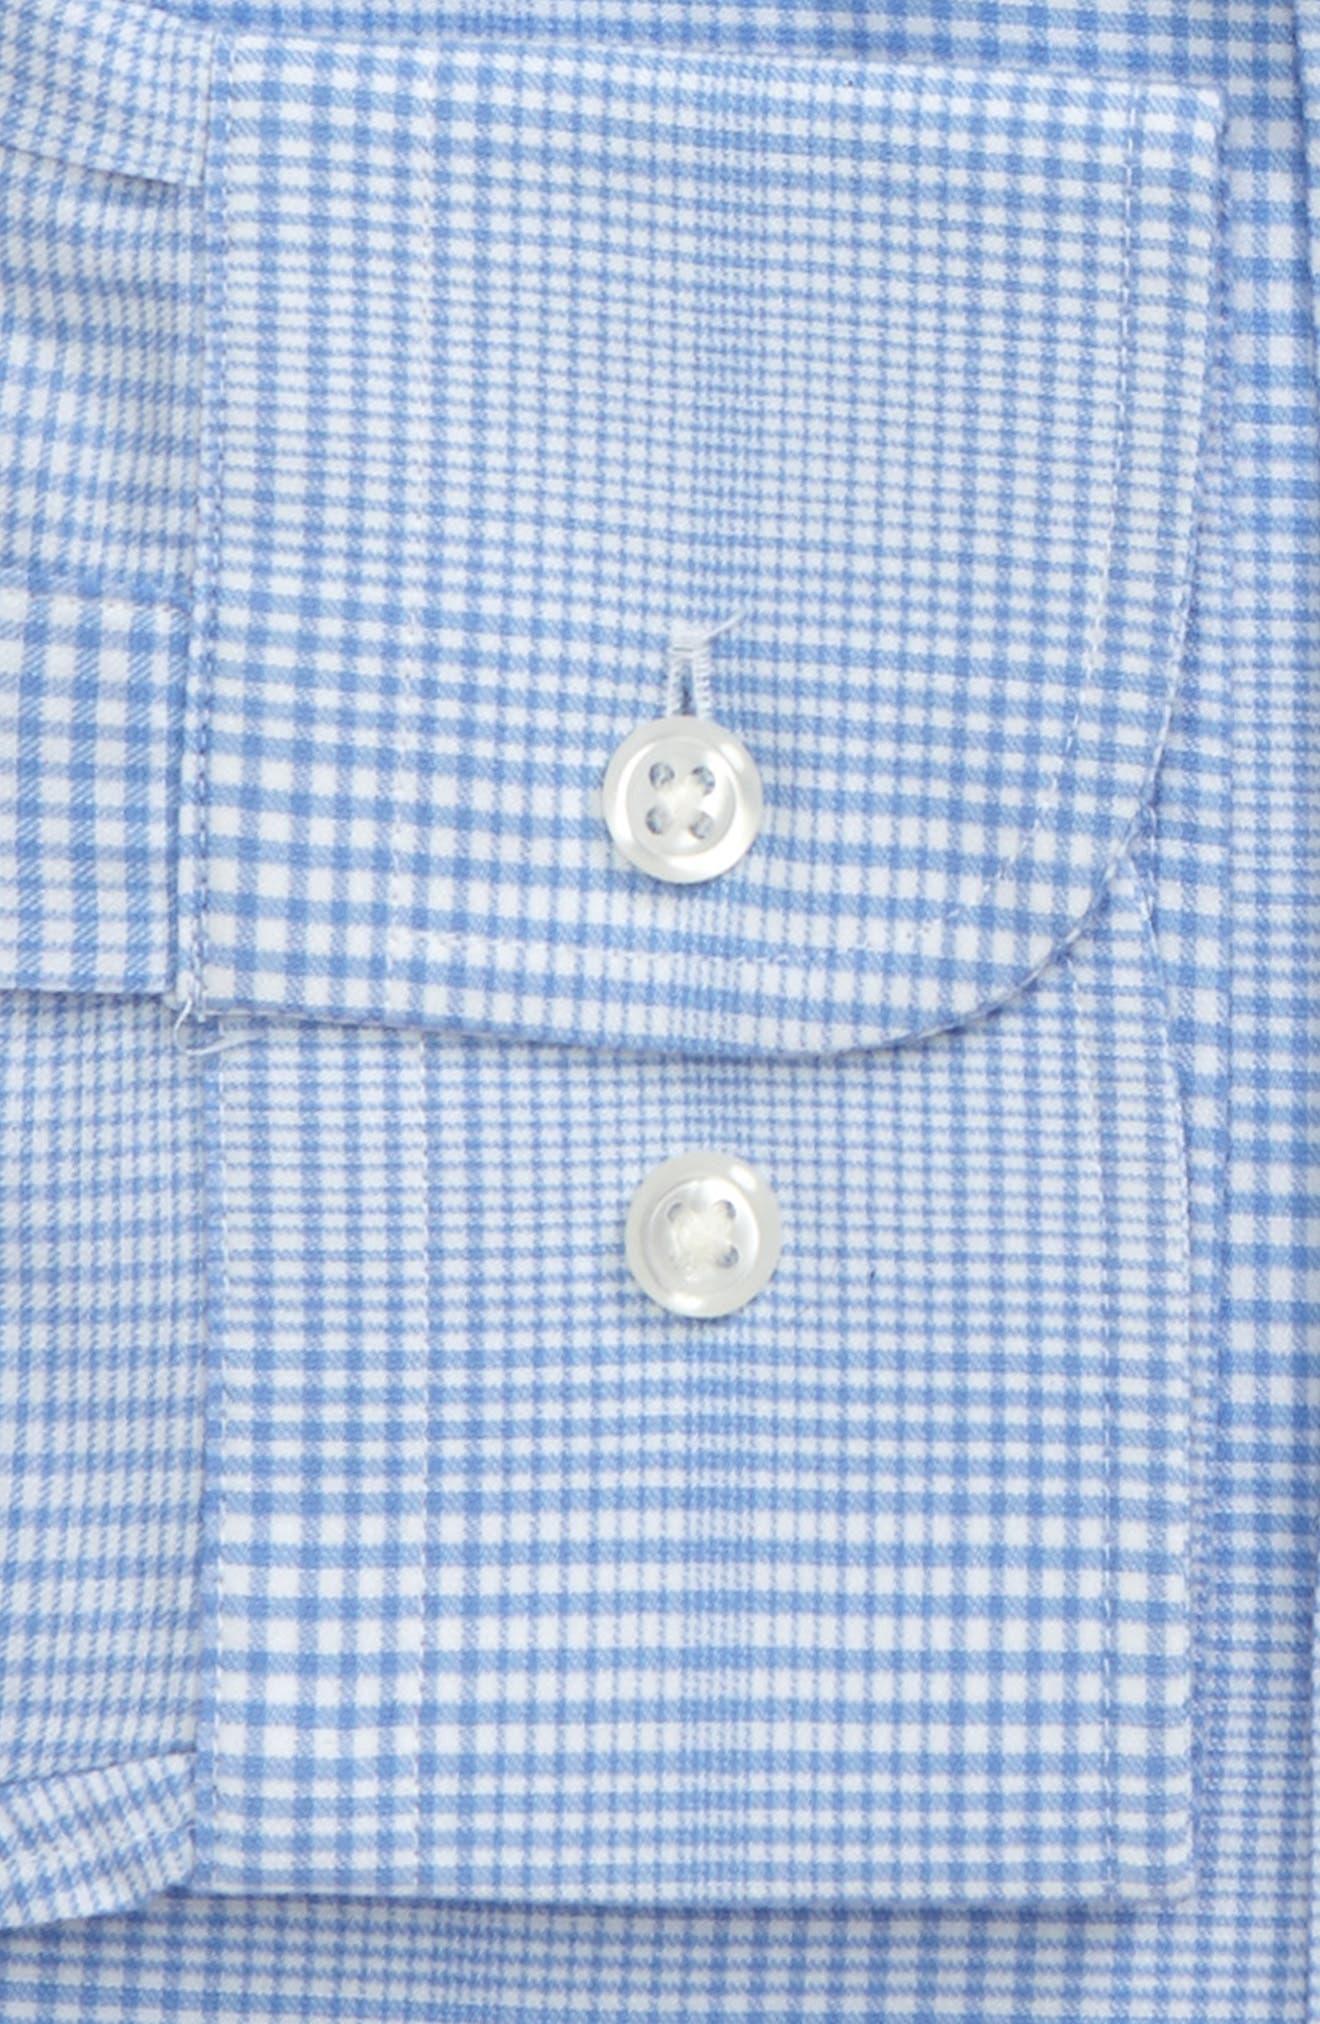 Tech-Smart Trim Fit Stretch Plaid Dress Shirt,                             Alternate thumbnail 4, color,                             450